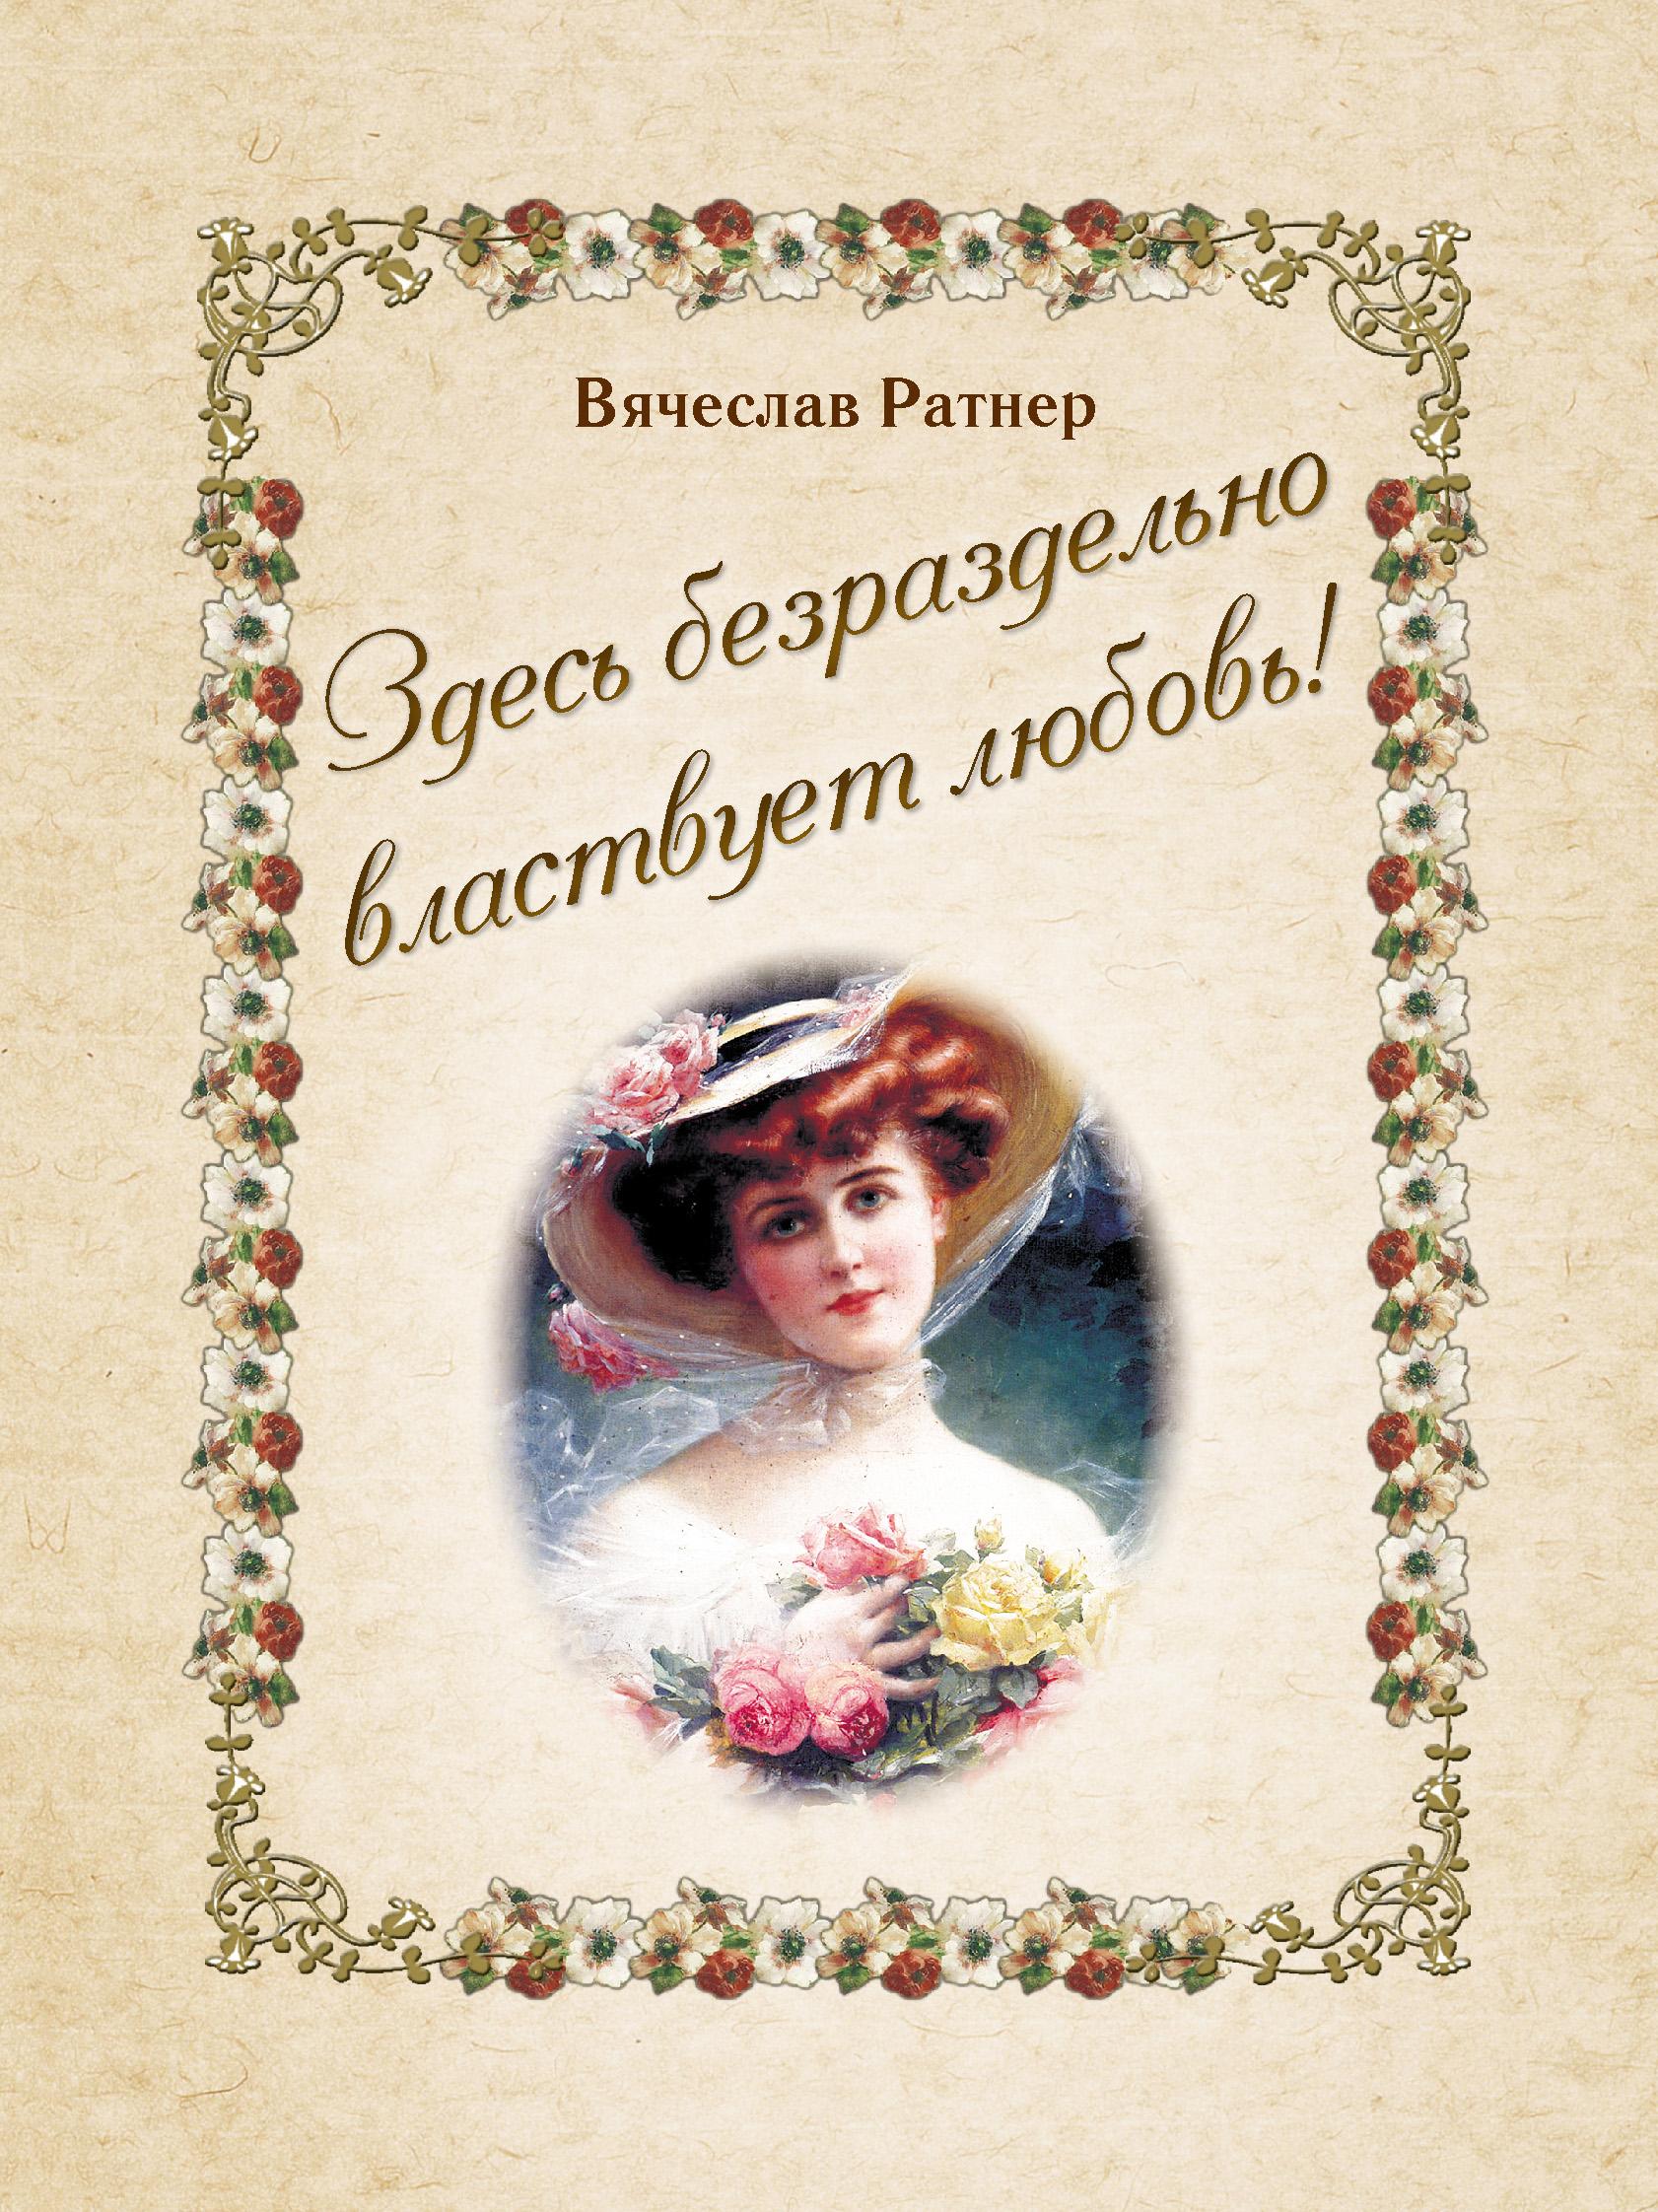 Вячеслав Ратнер Здесь безраздельно властвует любовь!